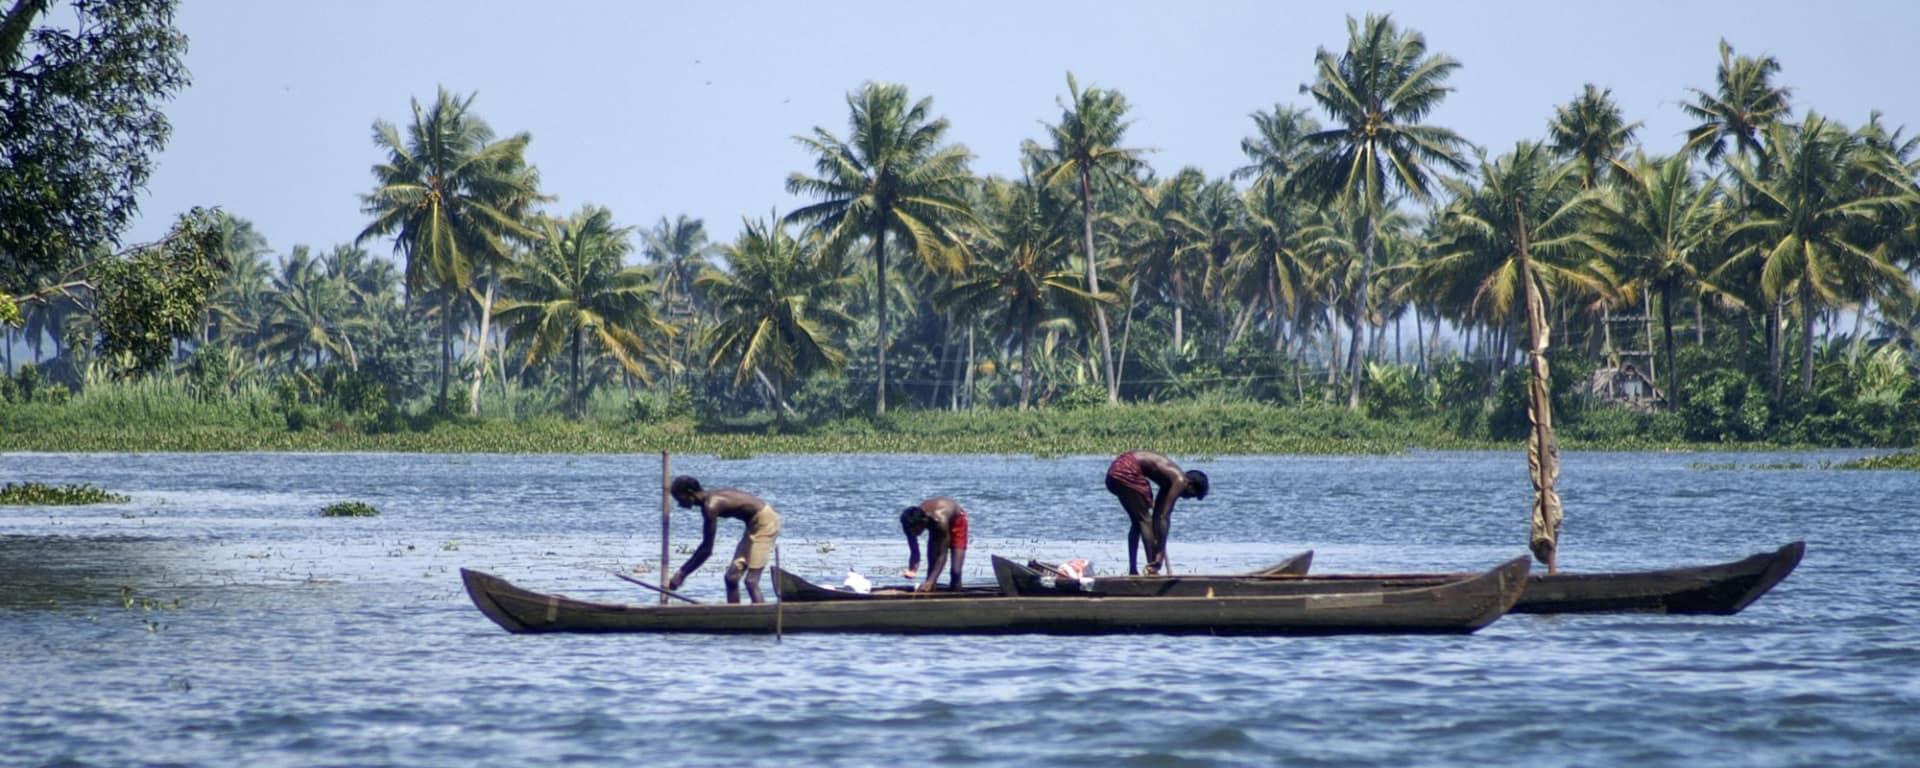 Les Backwaters du Kerala de Kochi: Backwaters: Boatmen